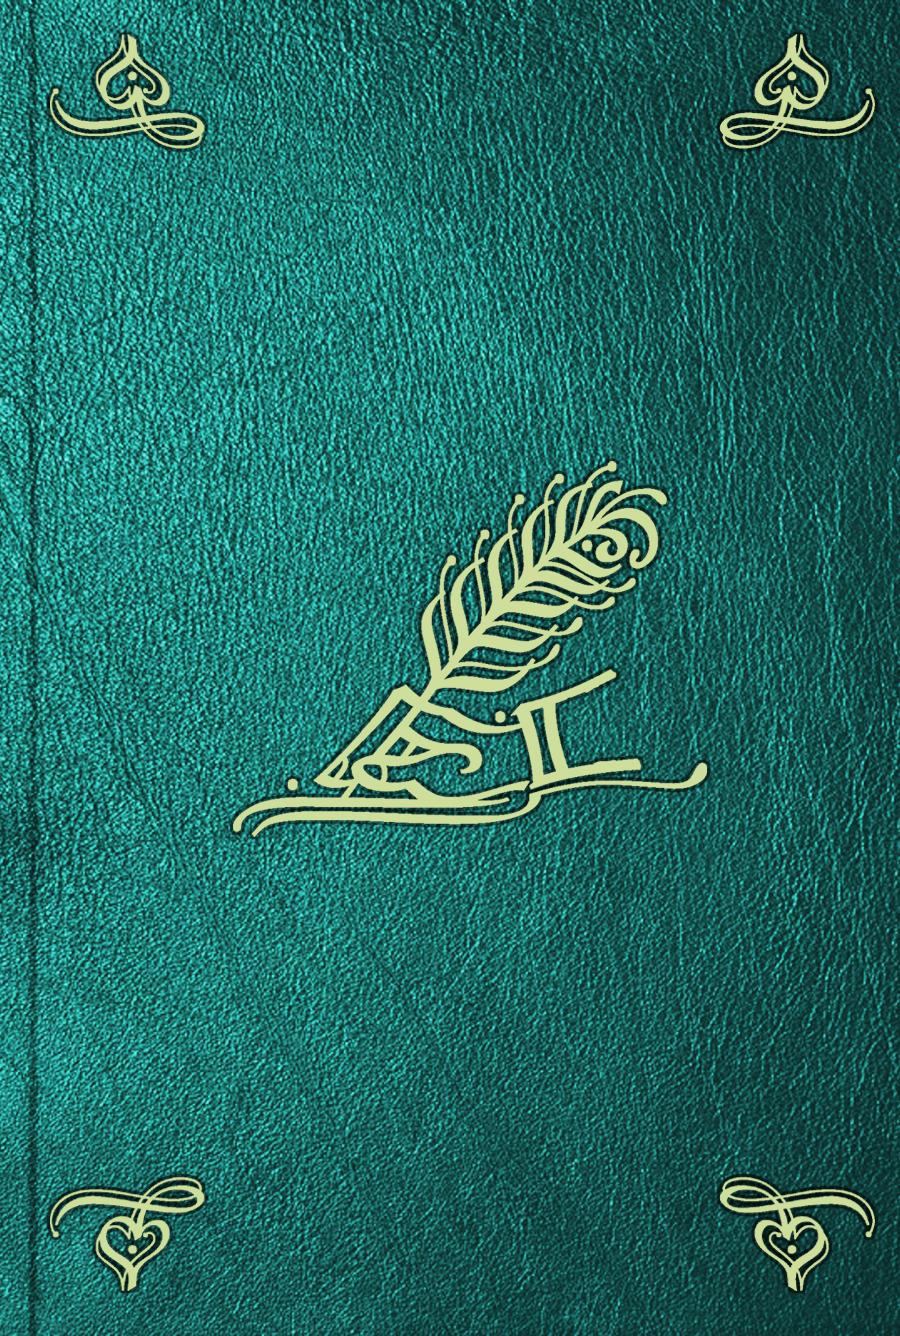 Pierre Loius Ginguené Histoire littéraire d'Italie. T. 6 pierre loius ginguené histoire littéraire d italie t 2